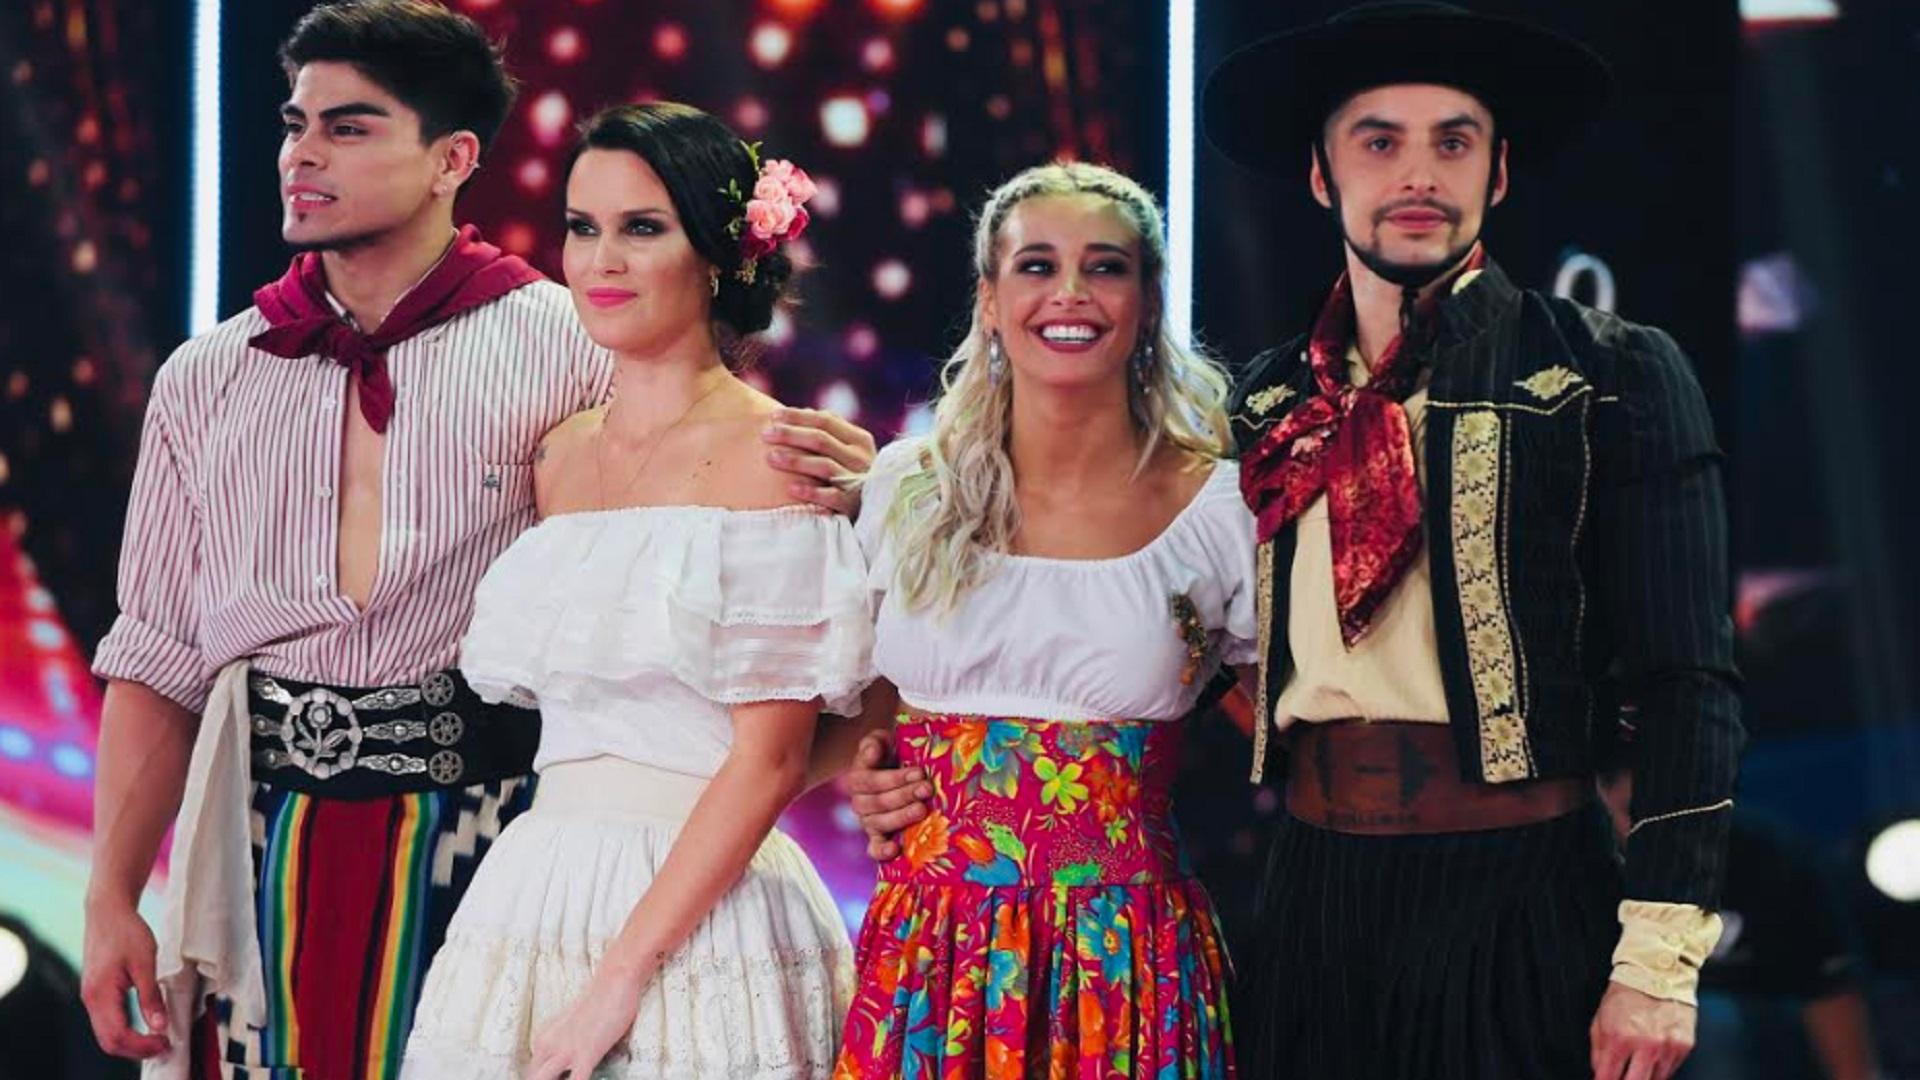 """Natalie Weber quedó eliminada del """"Bailando"""", luego de perder en el duelo telefónico con Sol Pérez. La Chica del Tiempo se impuso por 51, 38% en el voto del público"""